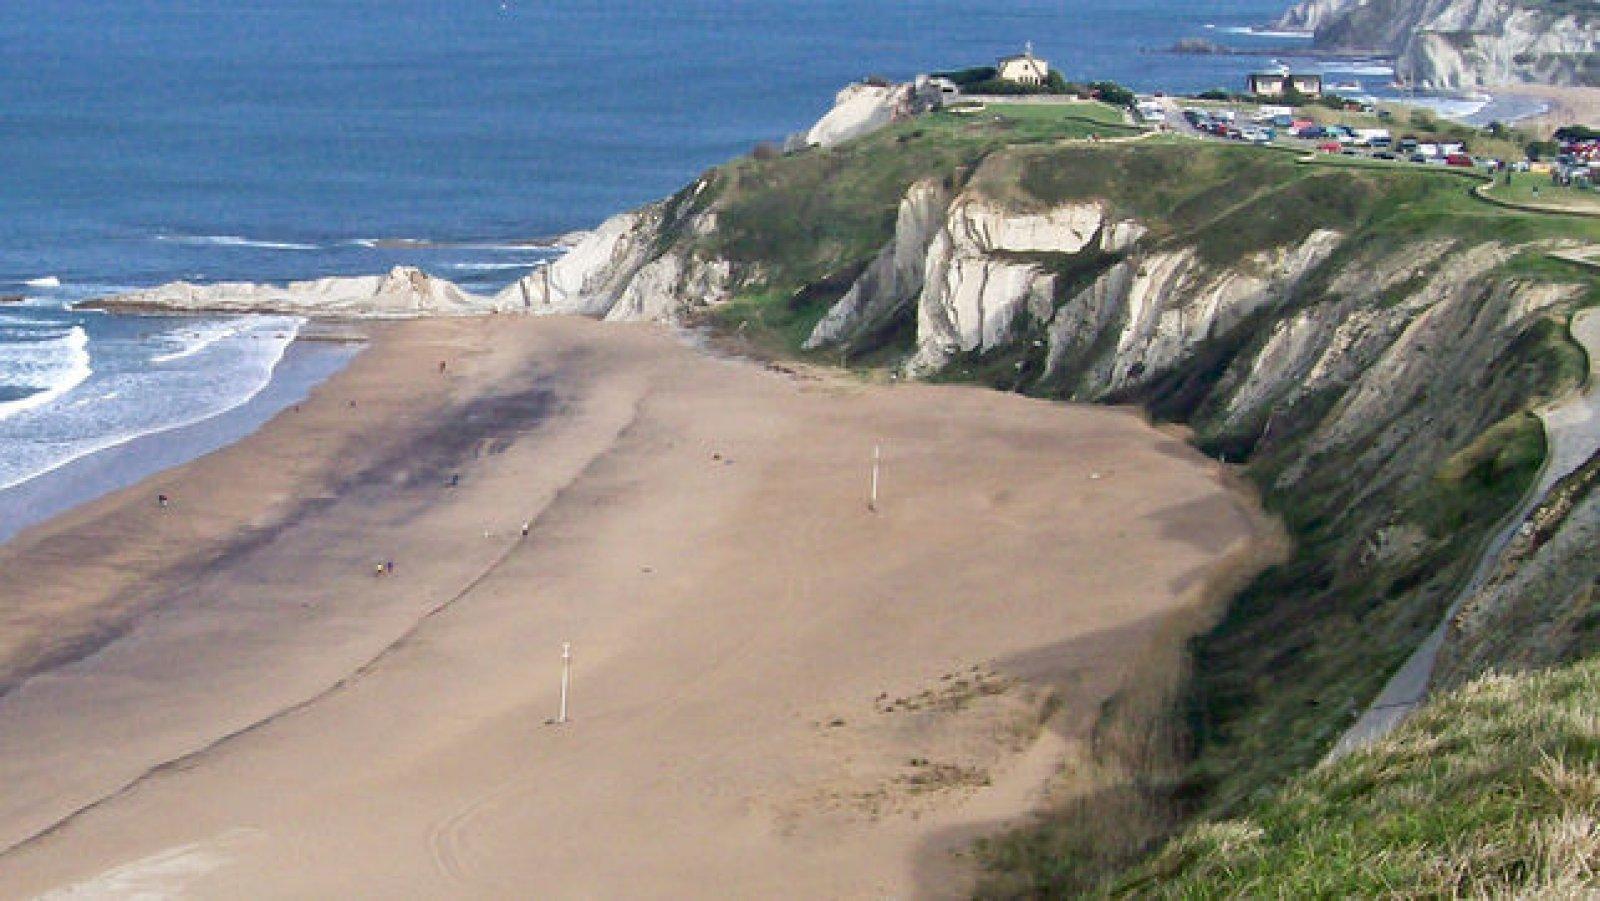 La playa Barinatxe es la playa nudista por excelencia en Bilbao.